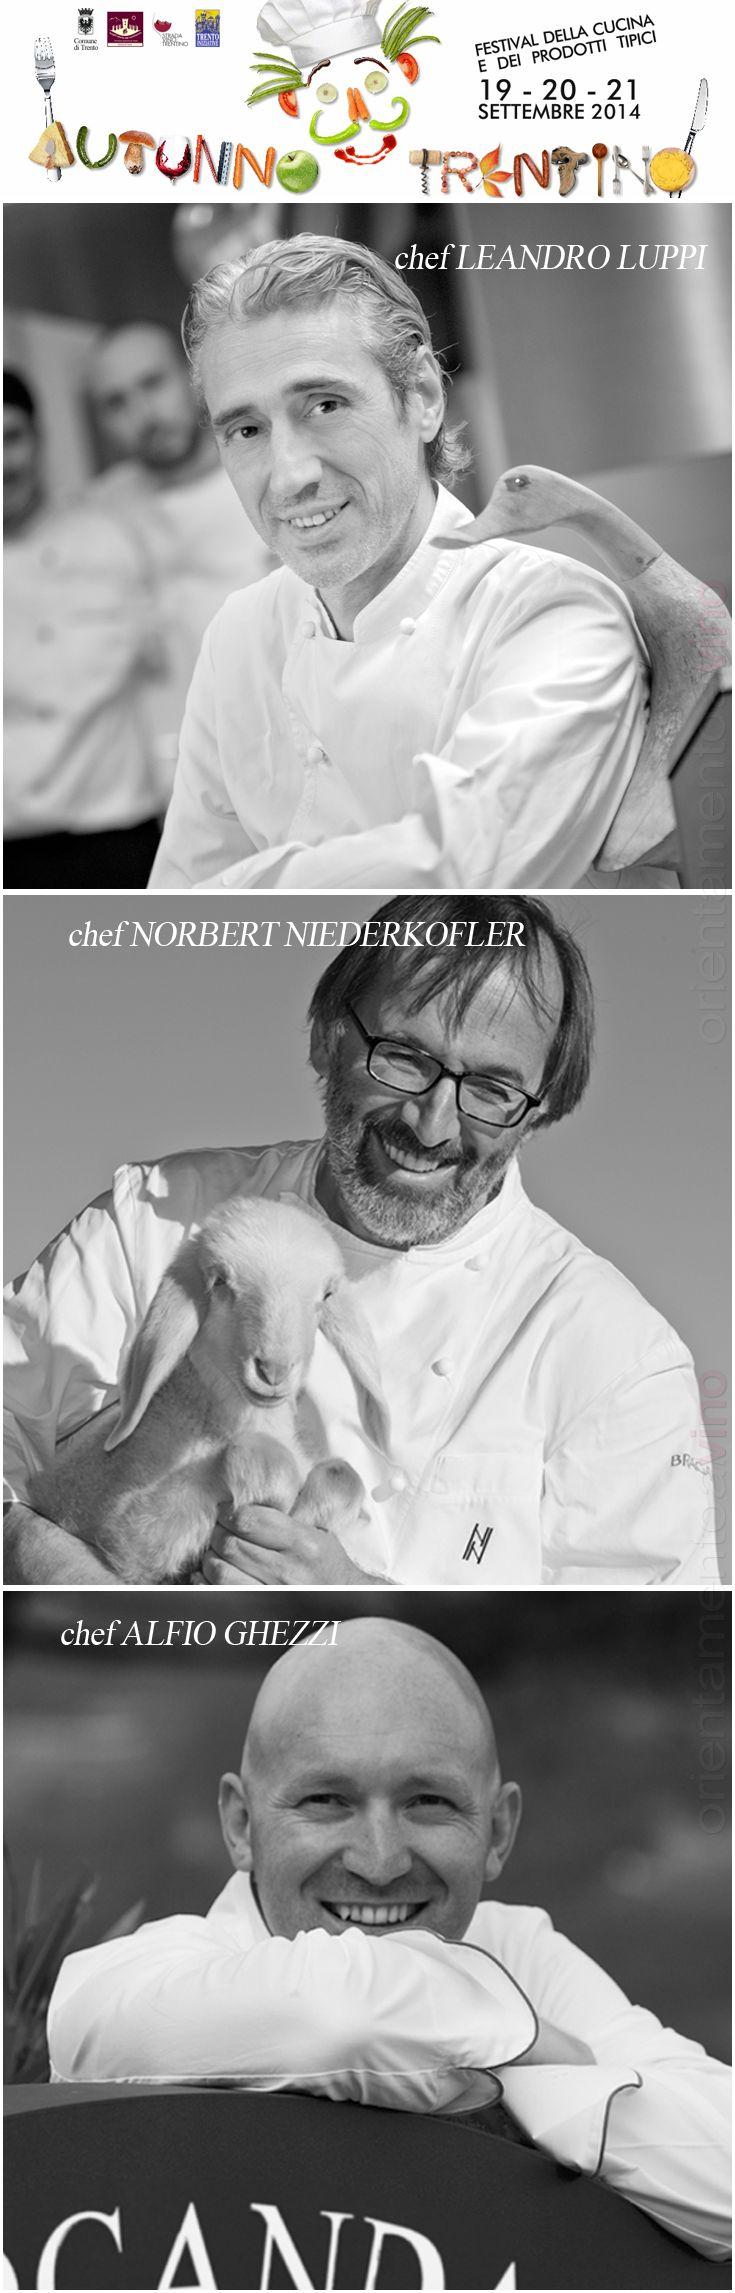 Autunno Trentino festival dell'enogastronomia edizione Stellata #autunnotrentino chef #NorbertNiederkofler chef #LeandroLuppi chef #AlfioGhezzi http://www.orientamentoalvino.com/3197-autunno-trentino-edizione-stellata